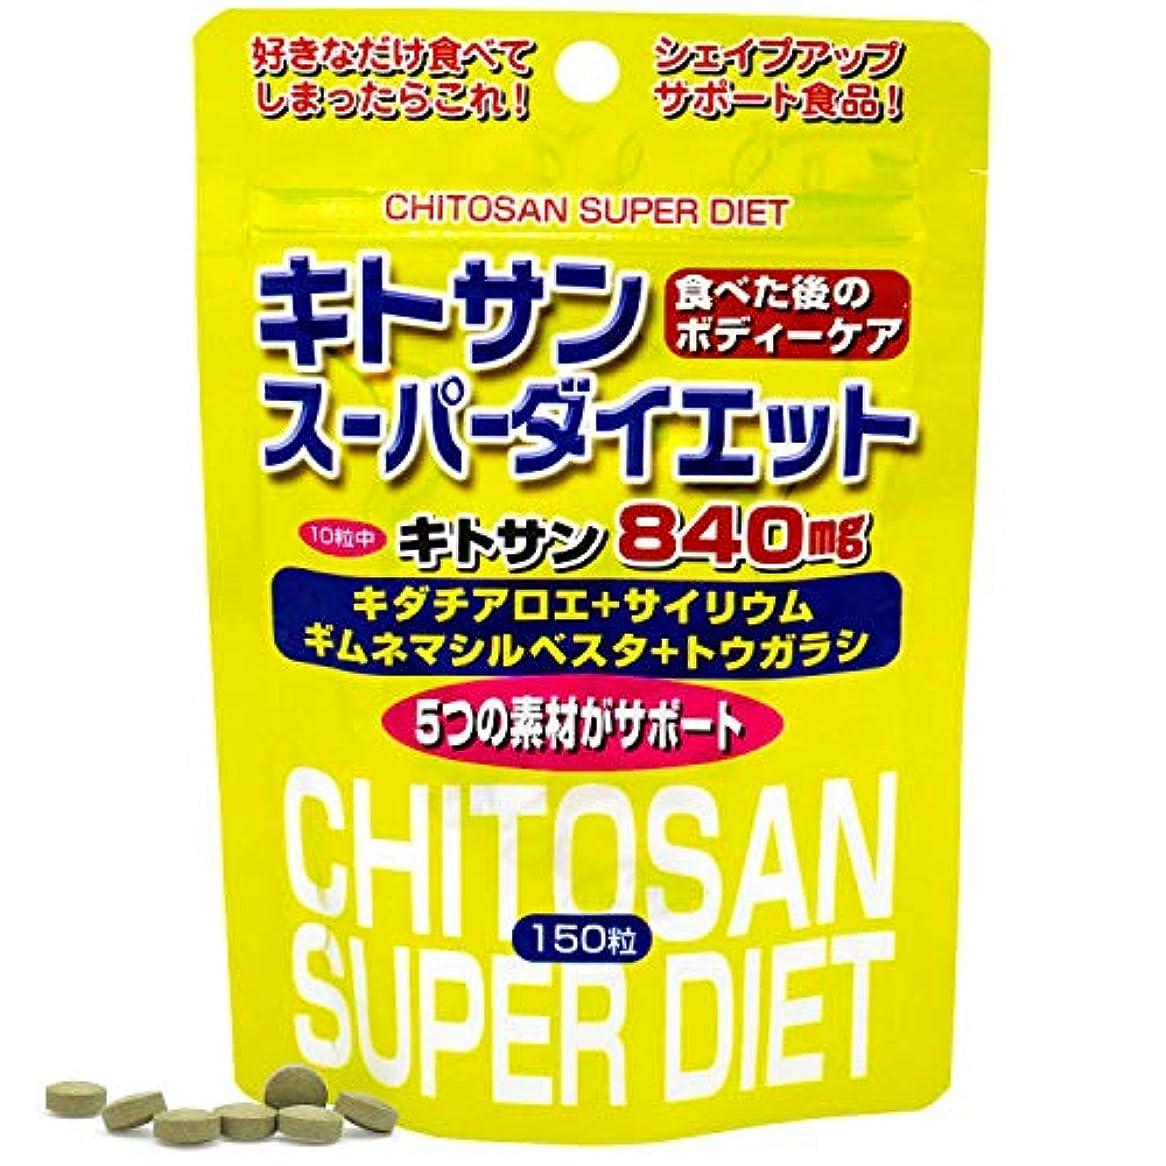 マーケティング書誌討論ユウキ製薬 スタンドパック キトサンスーパーダイエット 15-21日分 150粒